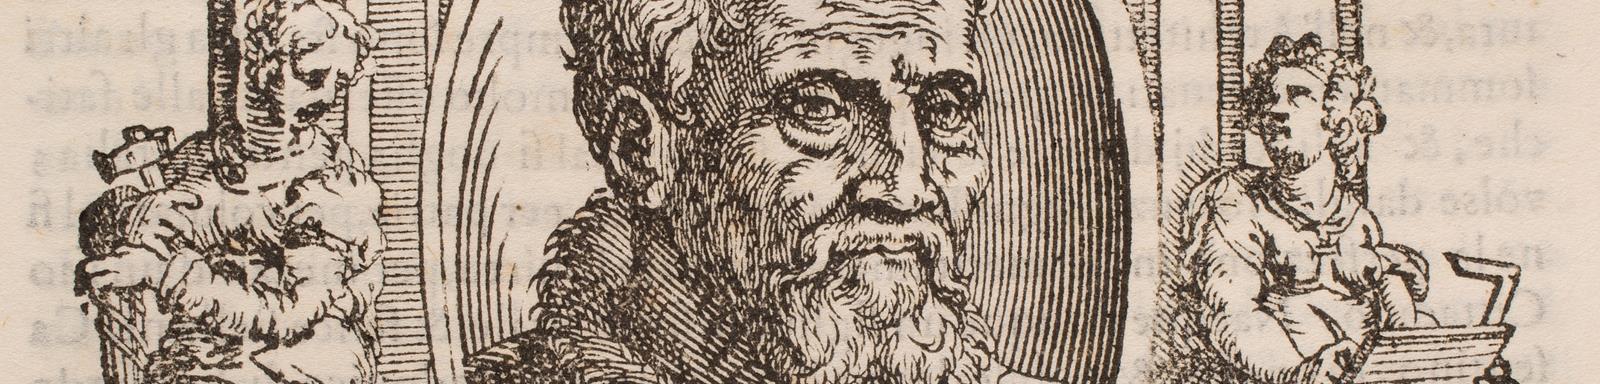 Michelangelo (Michelangelo Buonarroti)